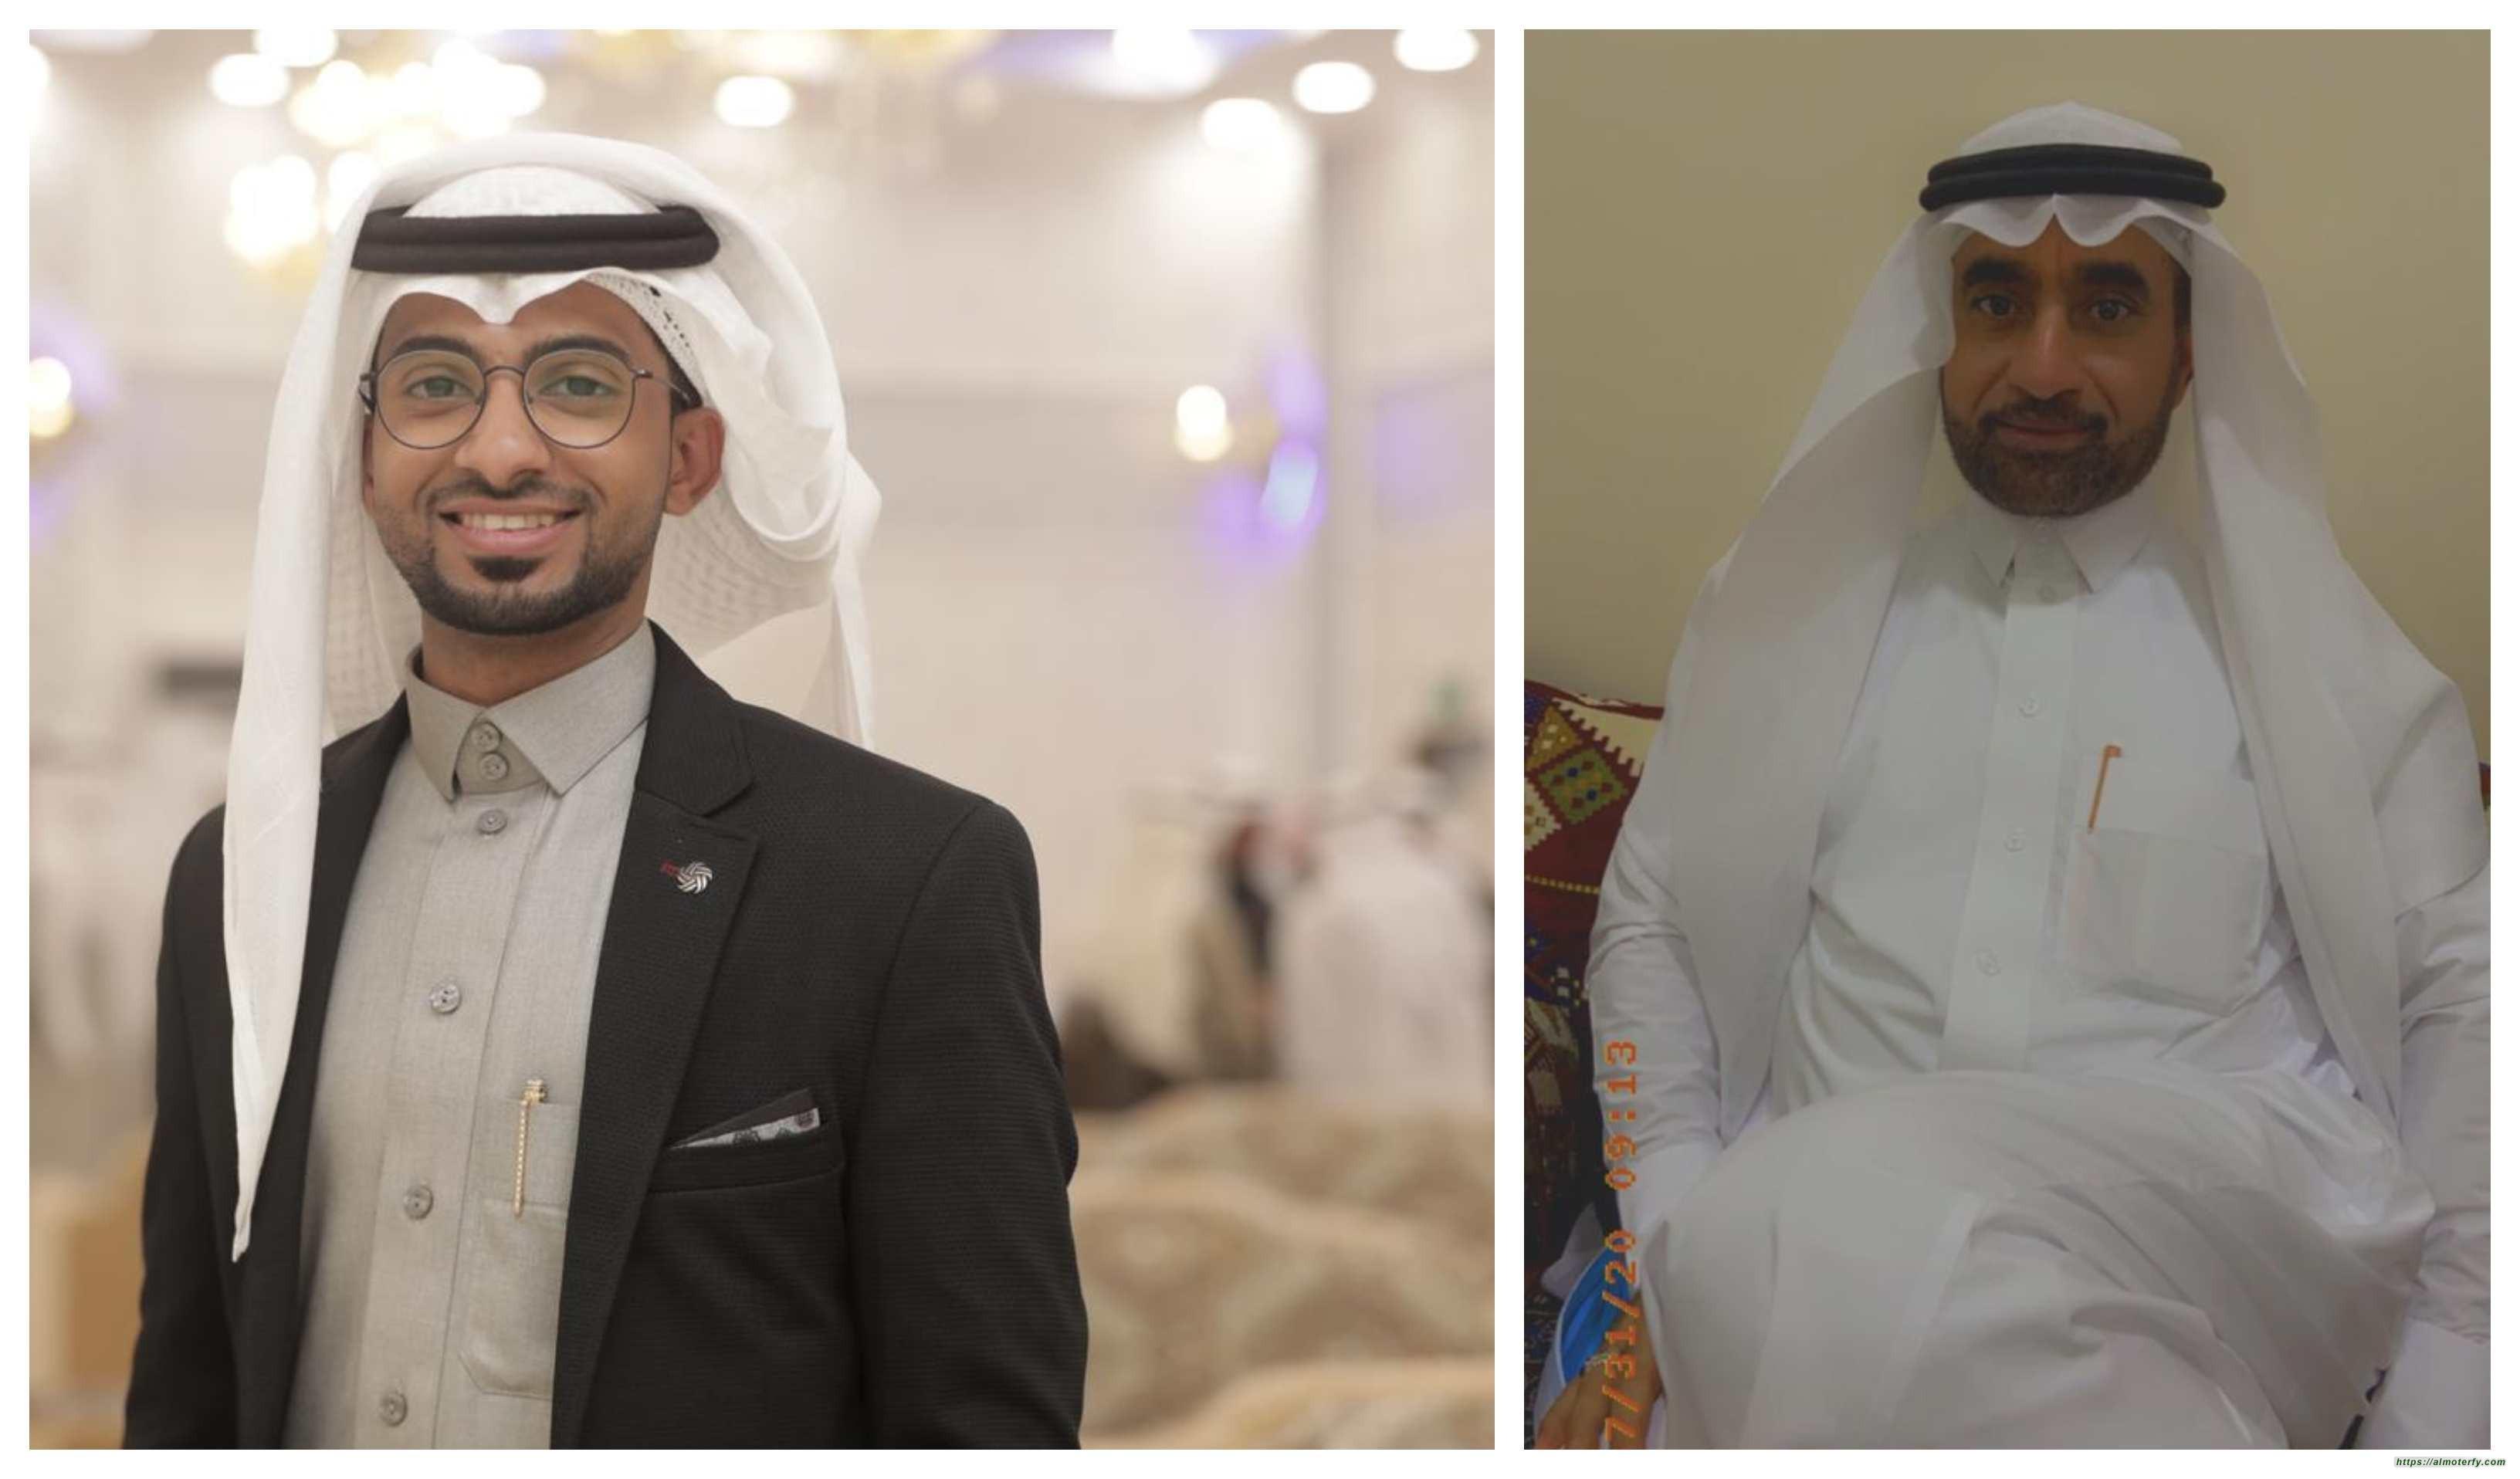 المُلازم أول بحري مُتقاعد ( محمد الحبيب ) يتلقى التهاني بقدوم الحفيد (( كيان ))